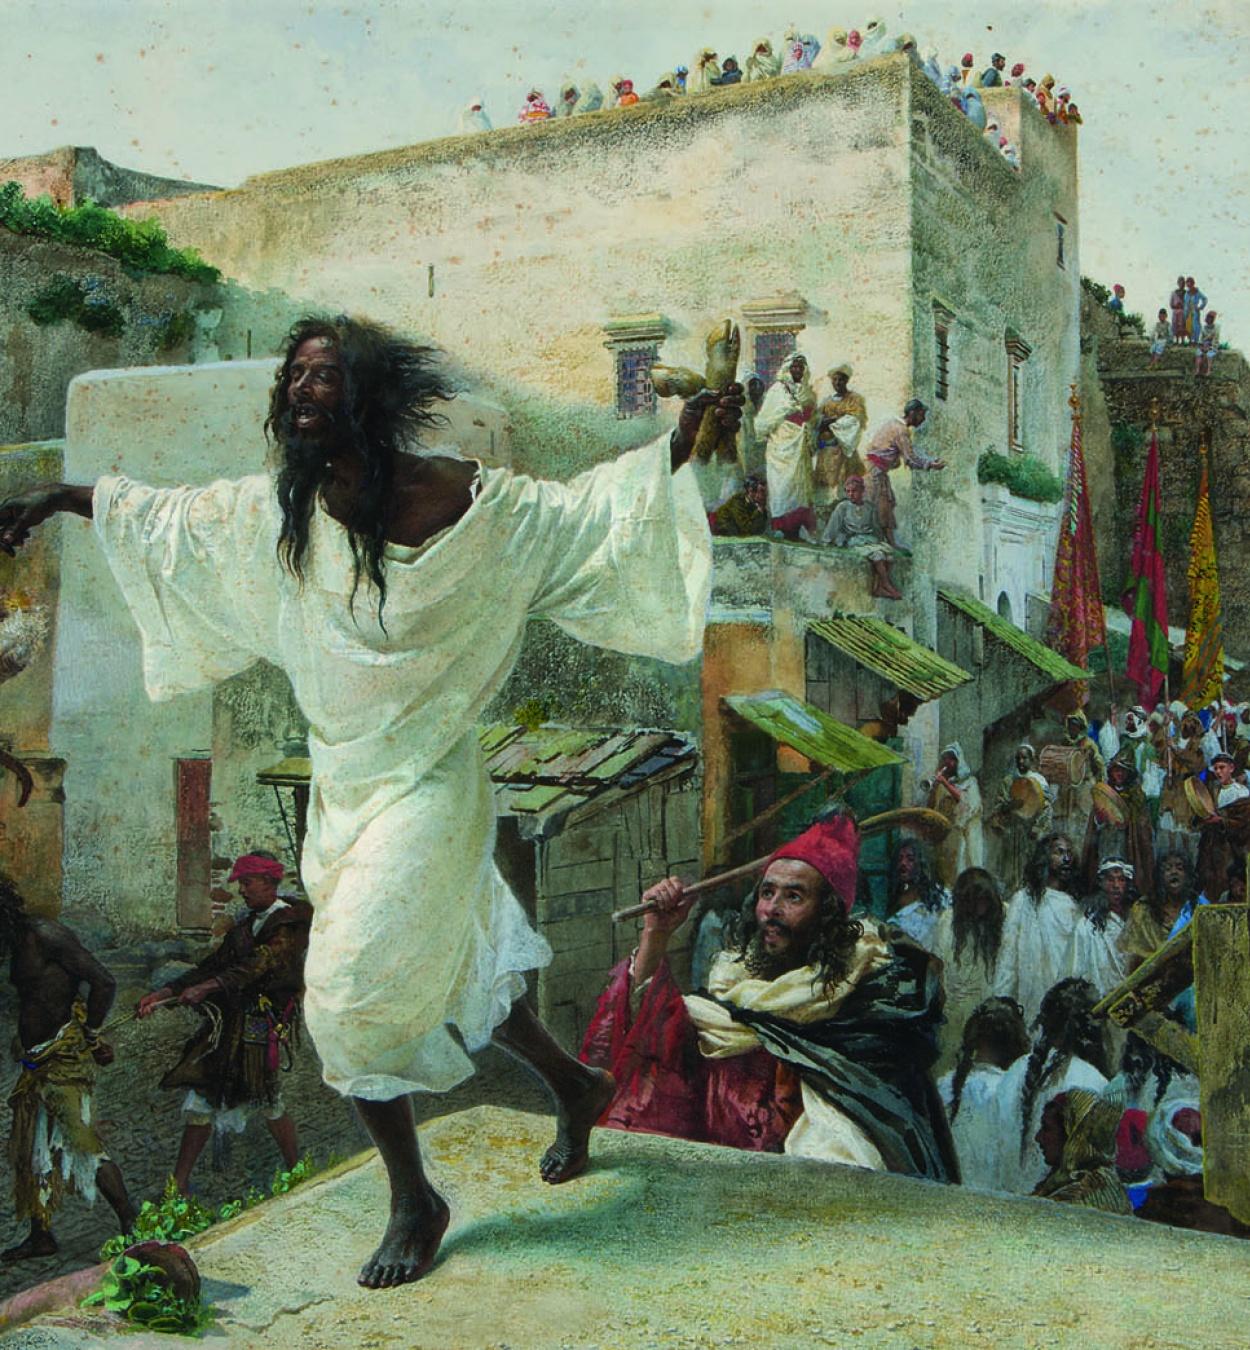 Josep Tapiró. Fiesta de los issawa, c. 1885. Colección particular, Reus